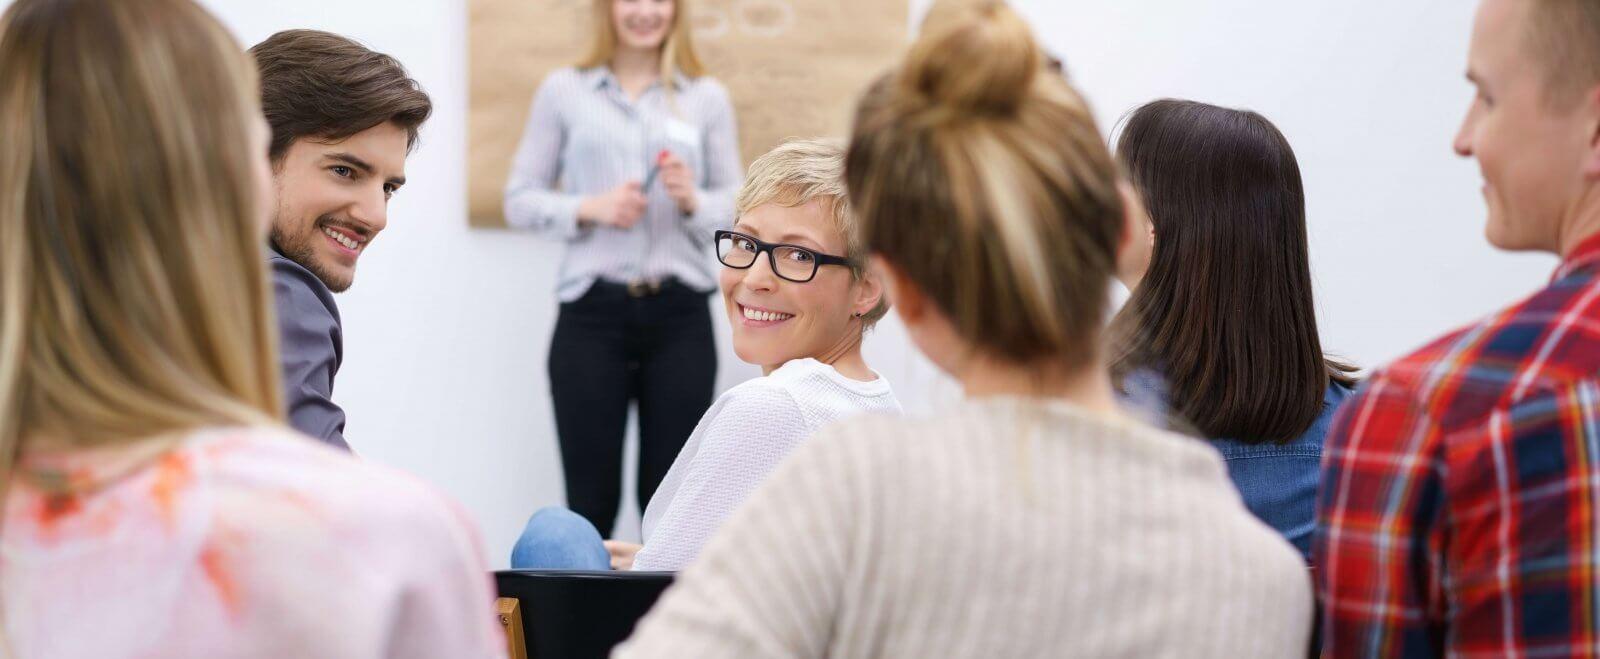 10 smarte Tipps für authentische Selbstvermarktung